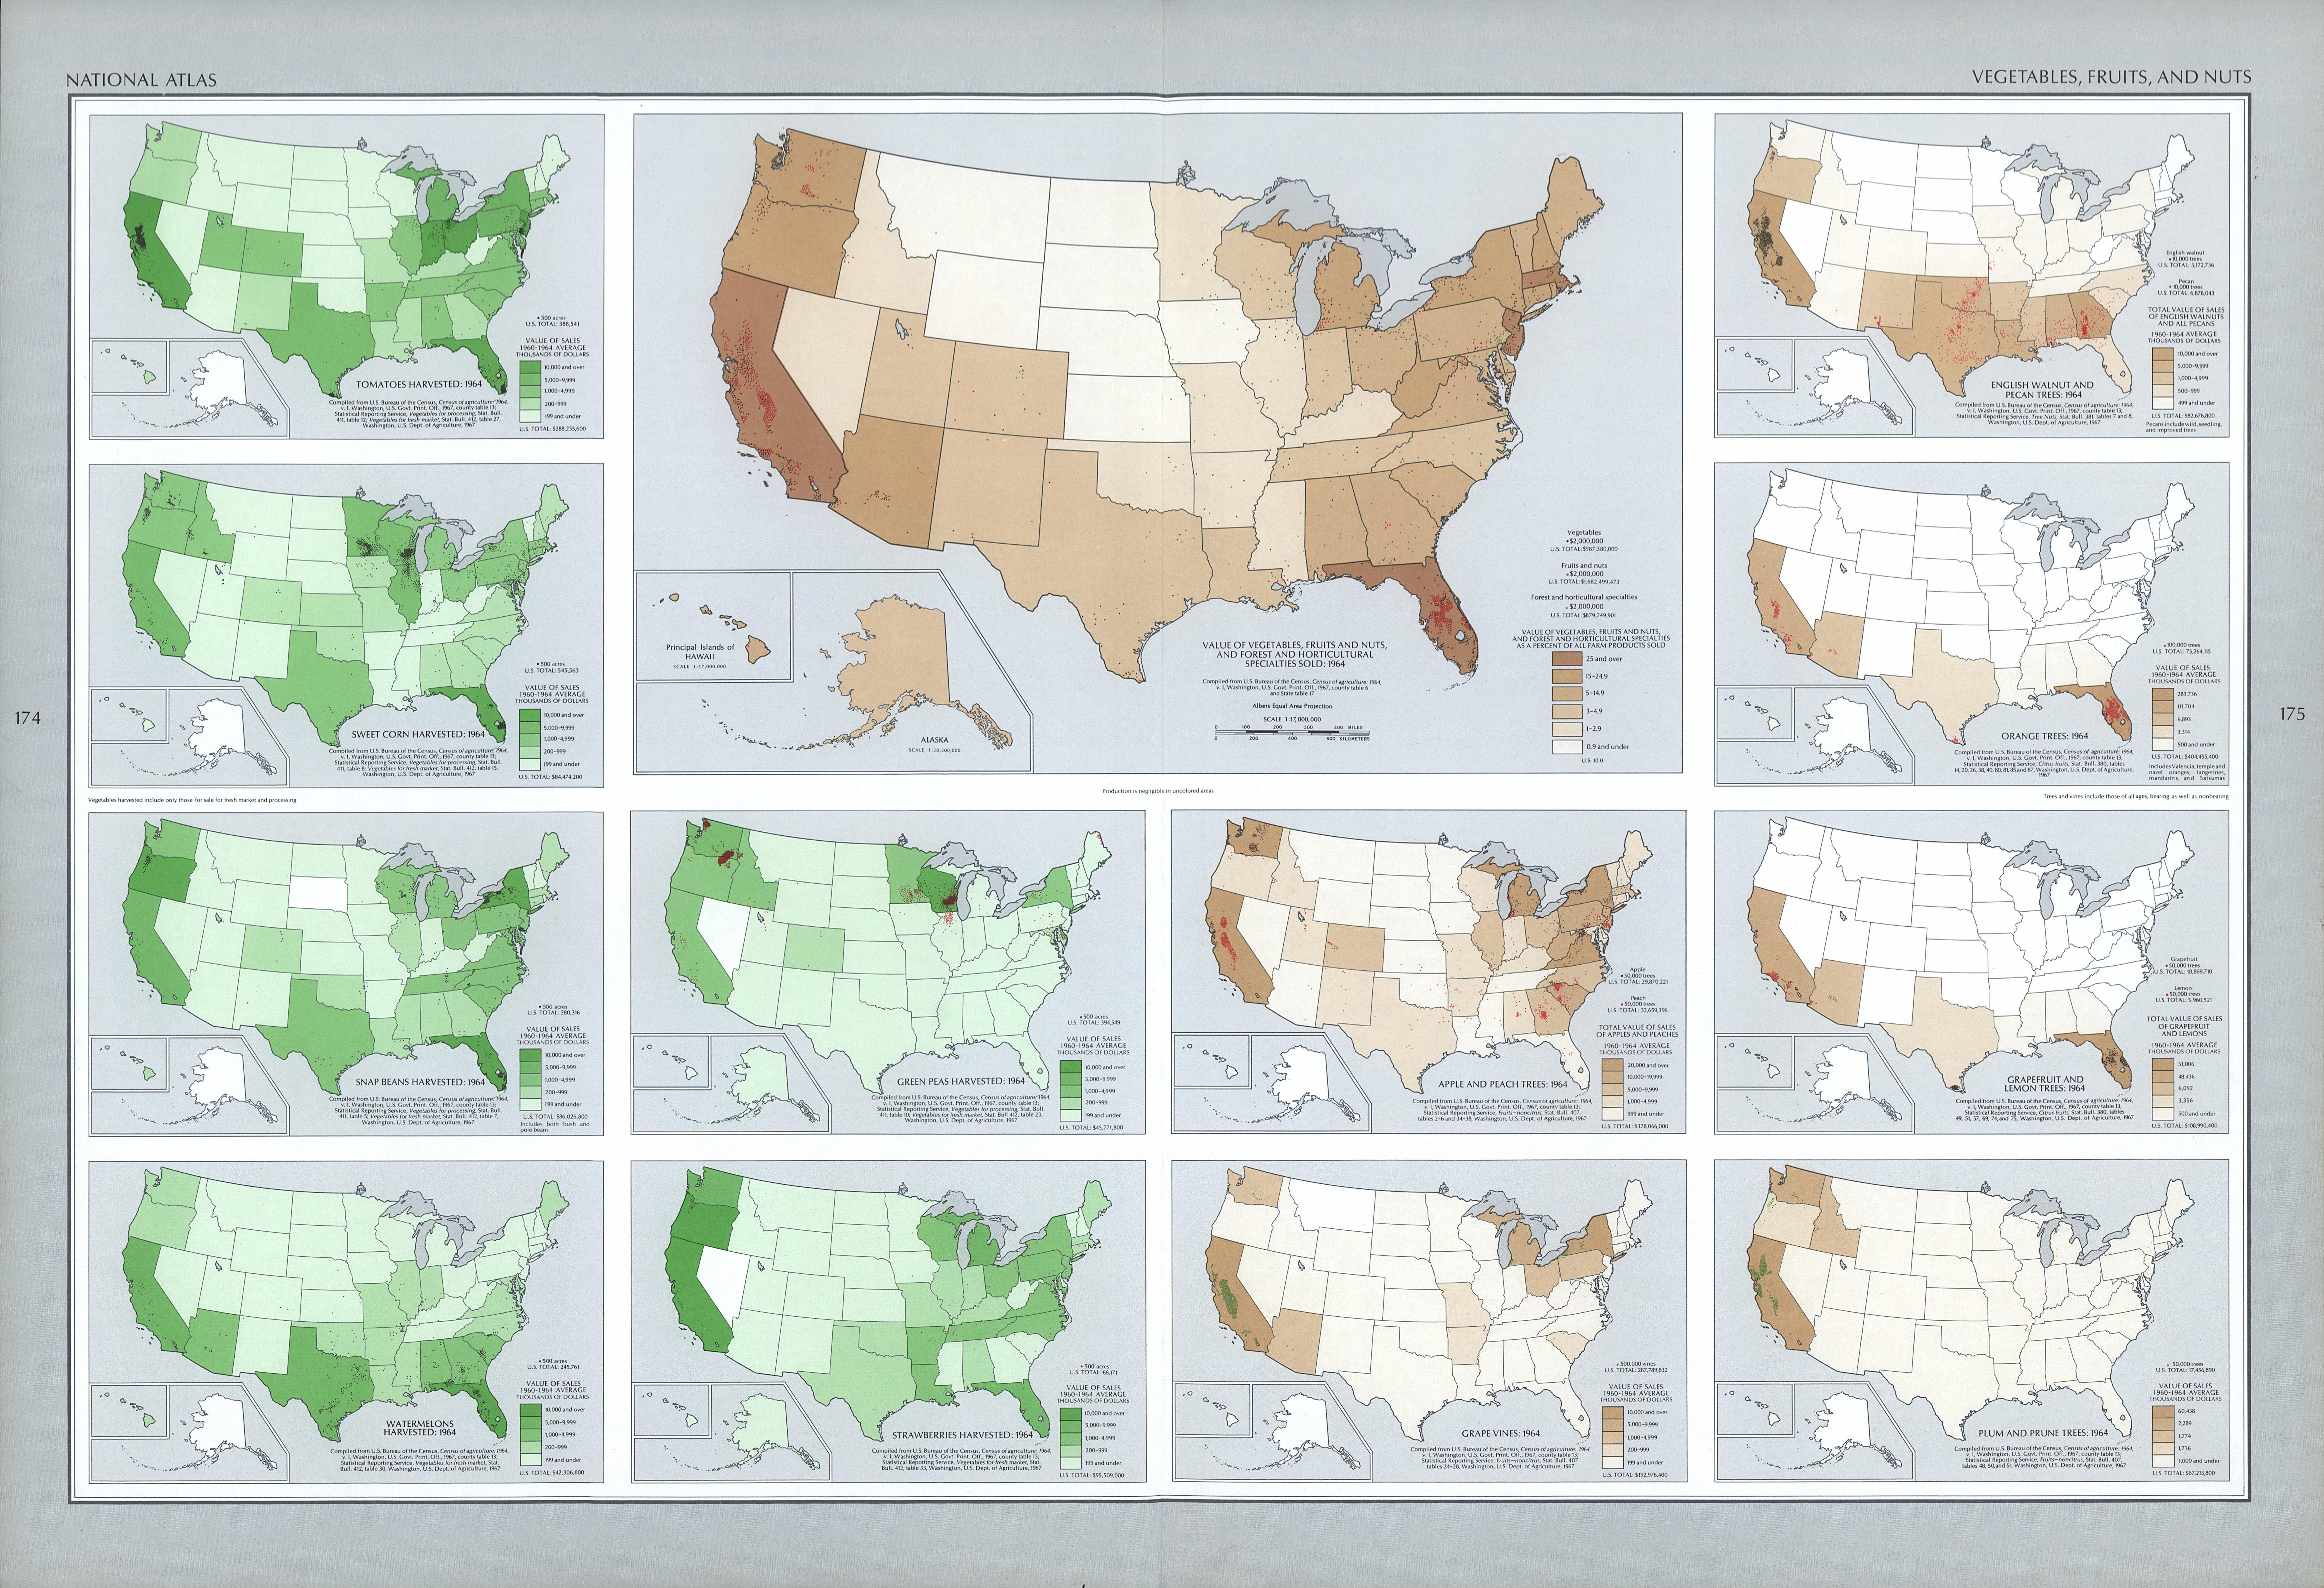 Mapa de las Frutas, Nueces y Verduras en Estados Unidos